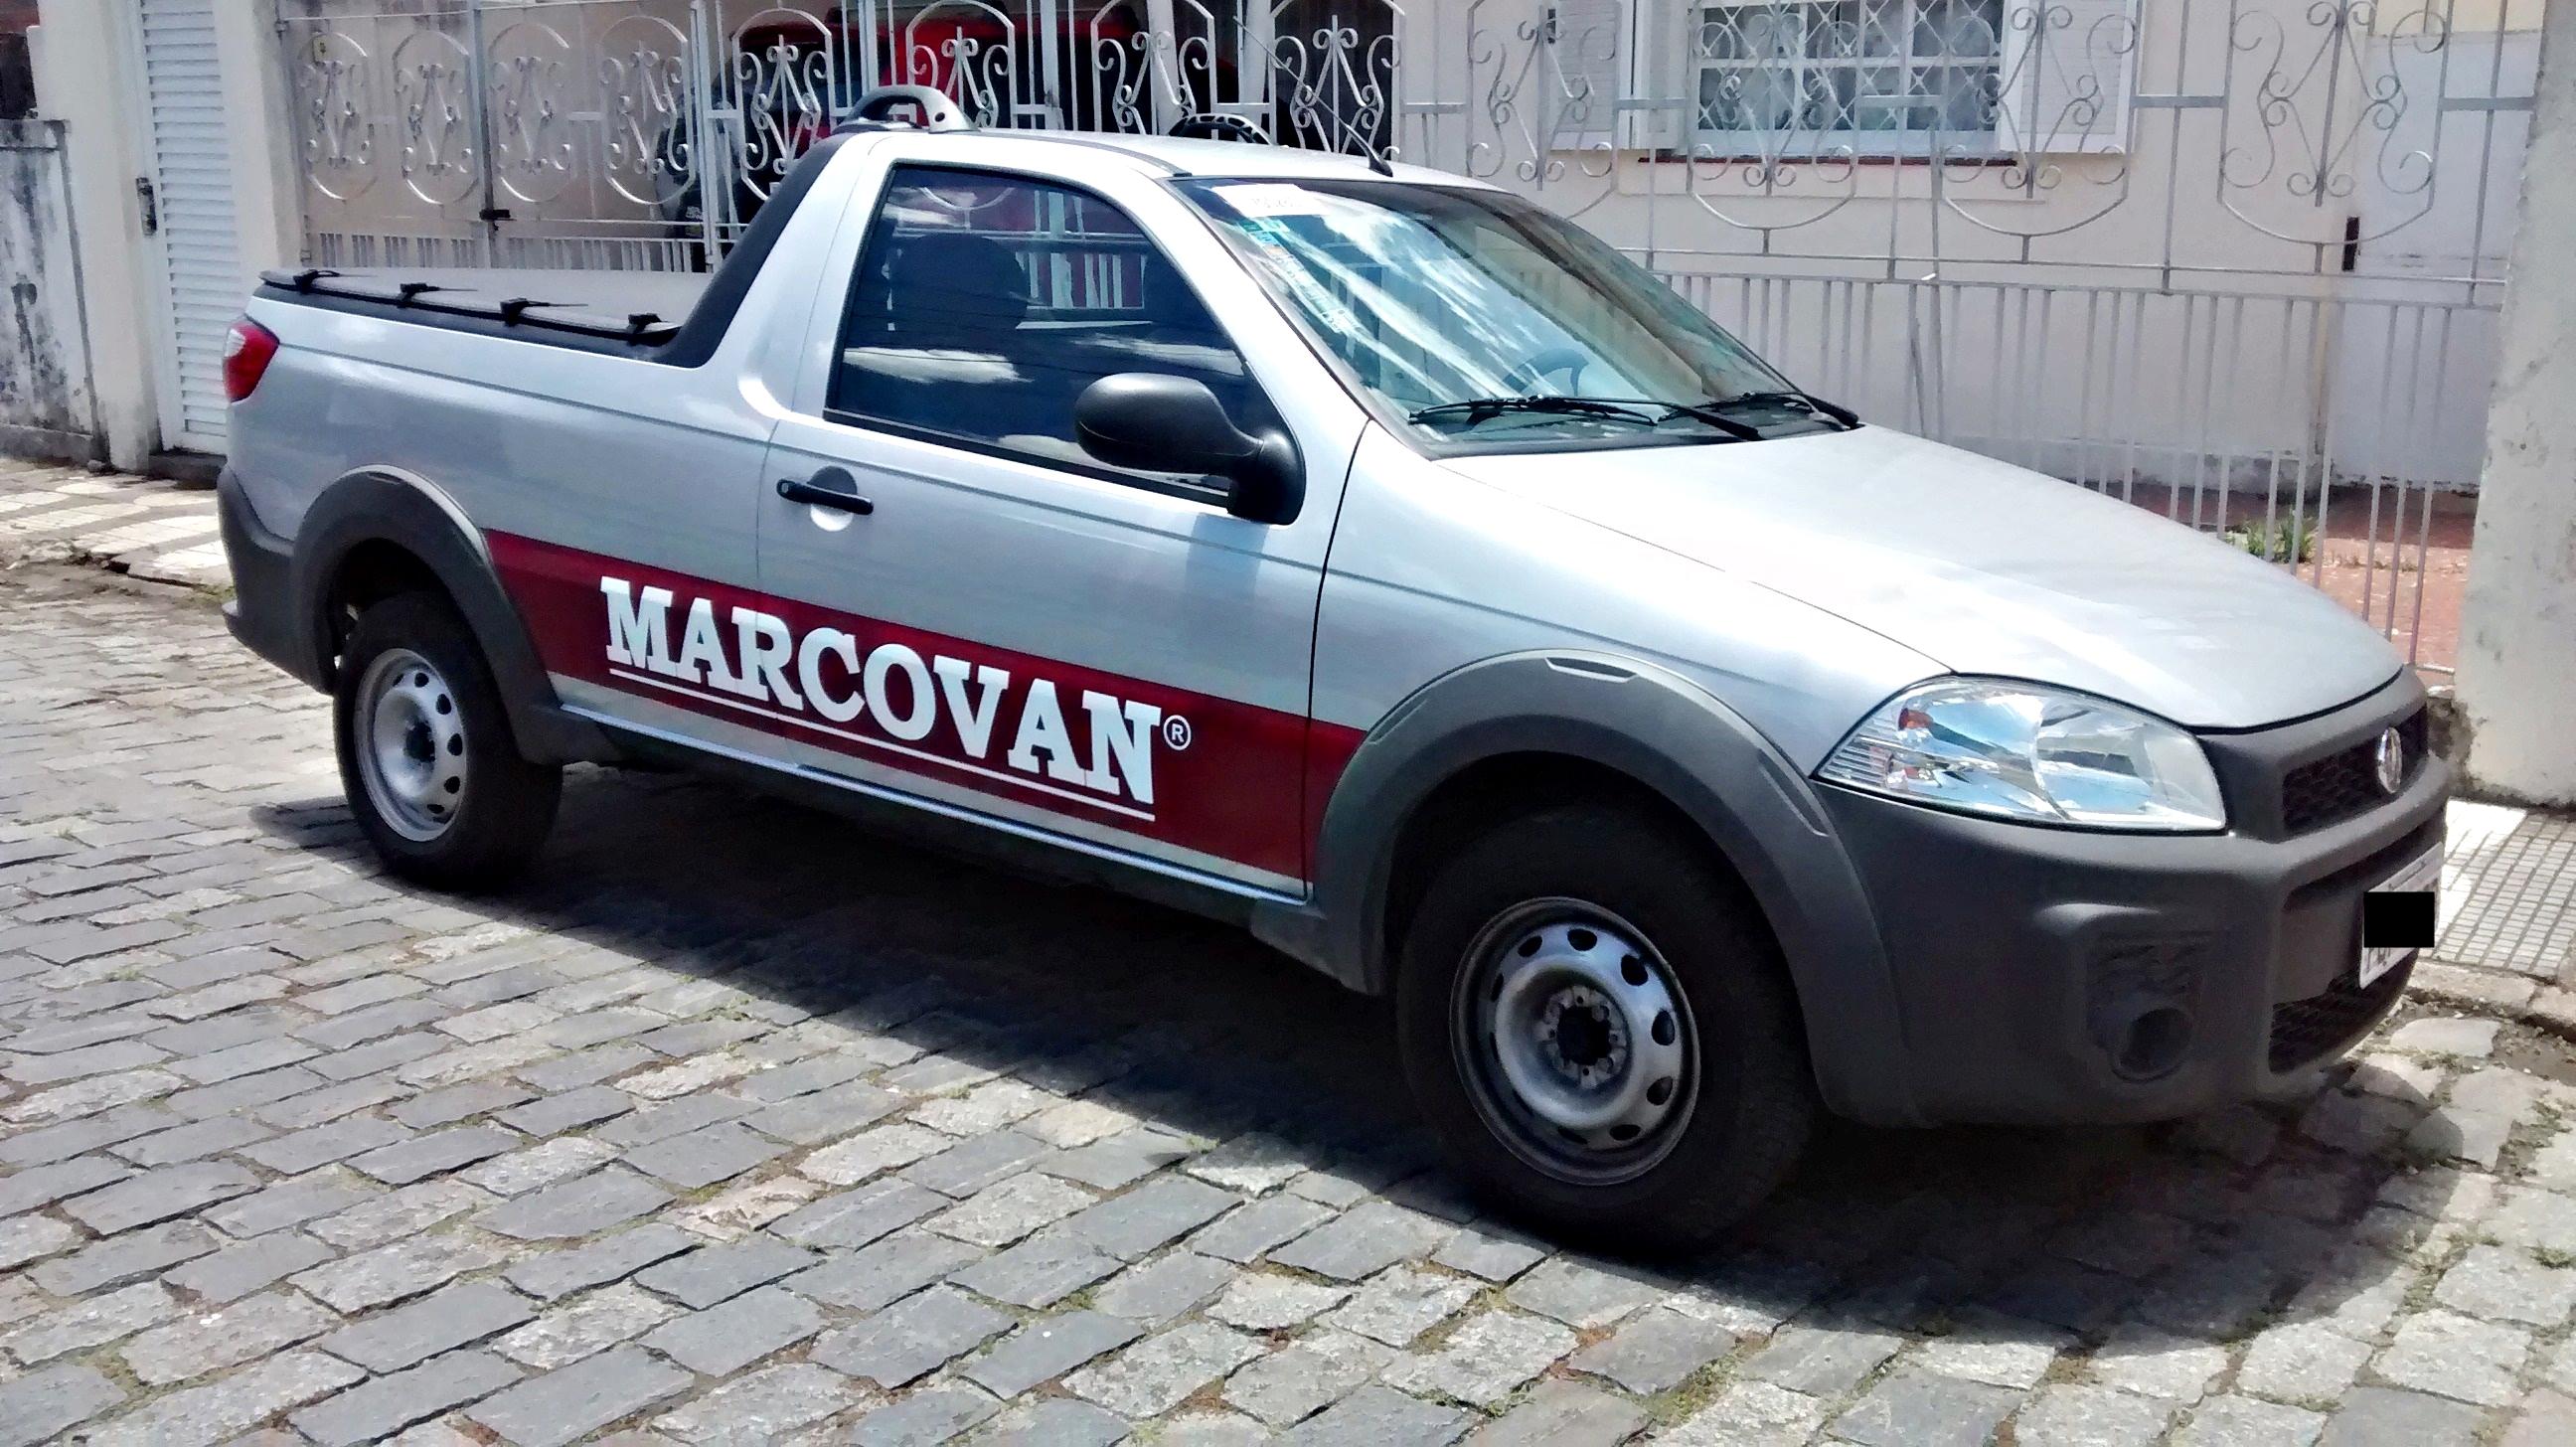 MARCOVAN